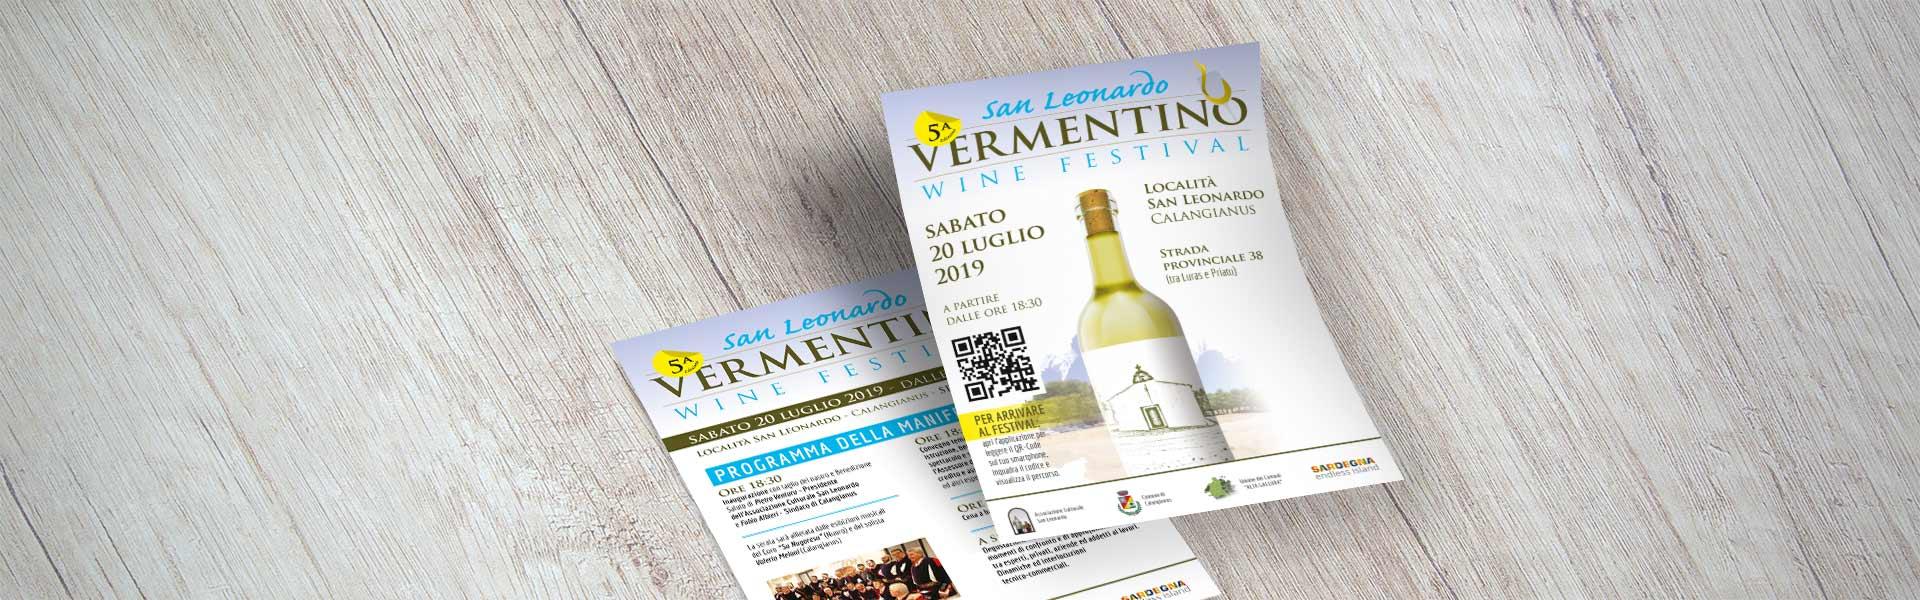 San Leonardo Vermentino wine festival - Volantino (desktop)